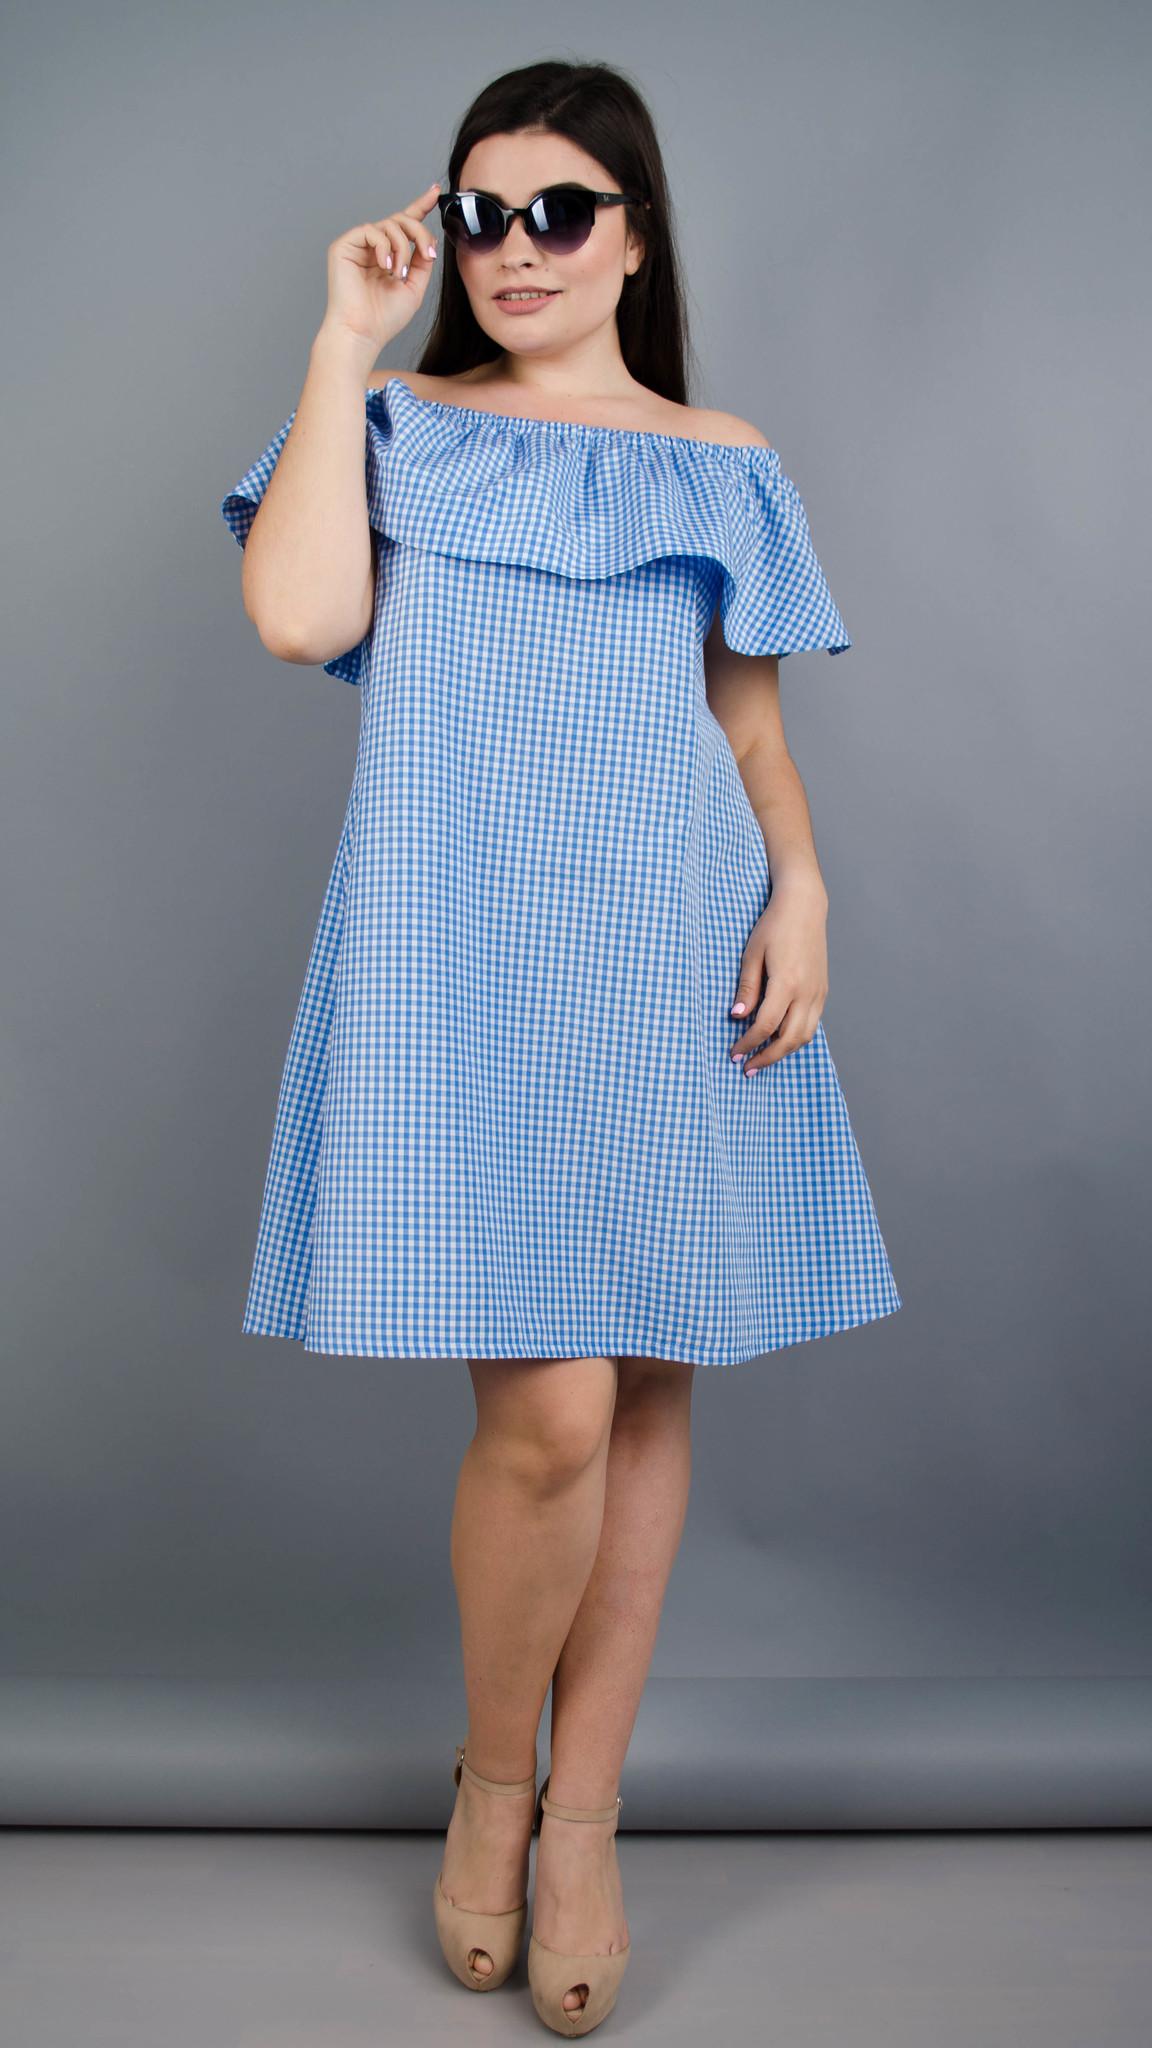 Балі. Літнє плаття плюс сайз. Блакитна клітинка.